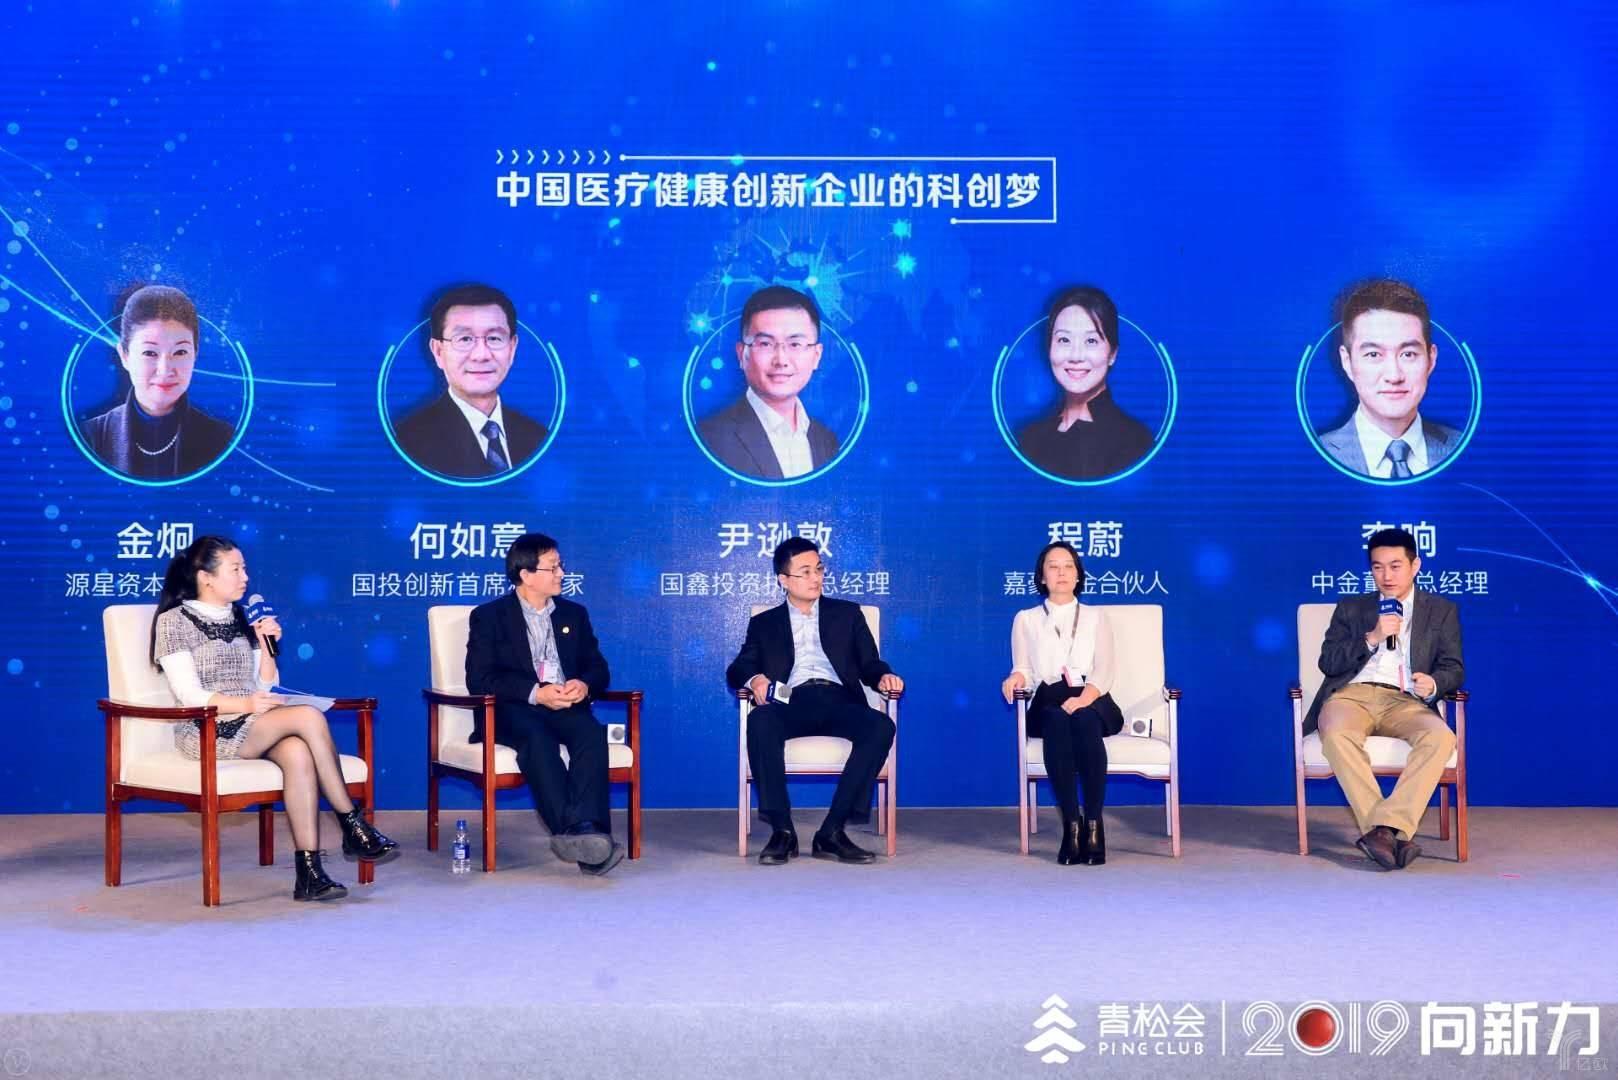 亿欧智库:中国医疗健康创新企业的科创梦